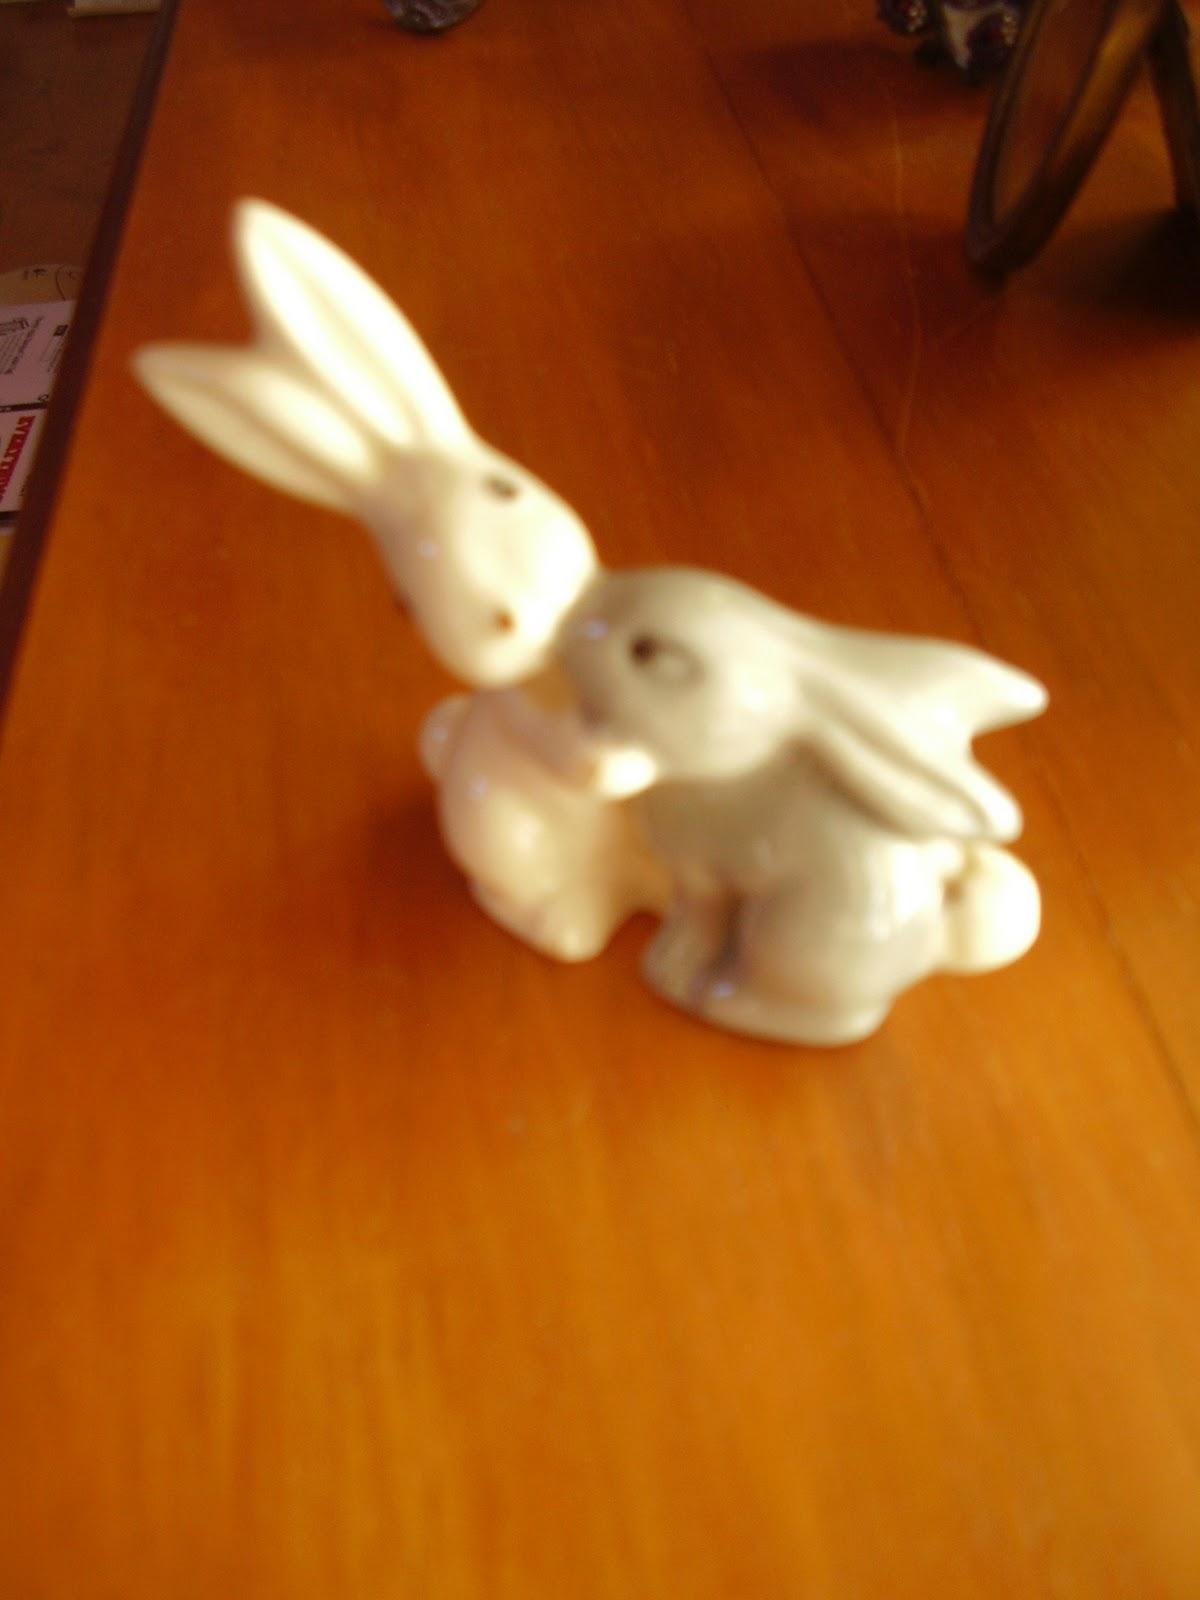 http://3.bp.blogspot.com/-i0kbCNfJ0QI/TxNu4AMDbUI/AAAAAAAAAtE/vLLl1_oSZyI/s1600/bunnies.jpg